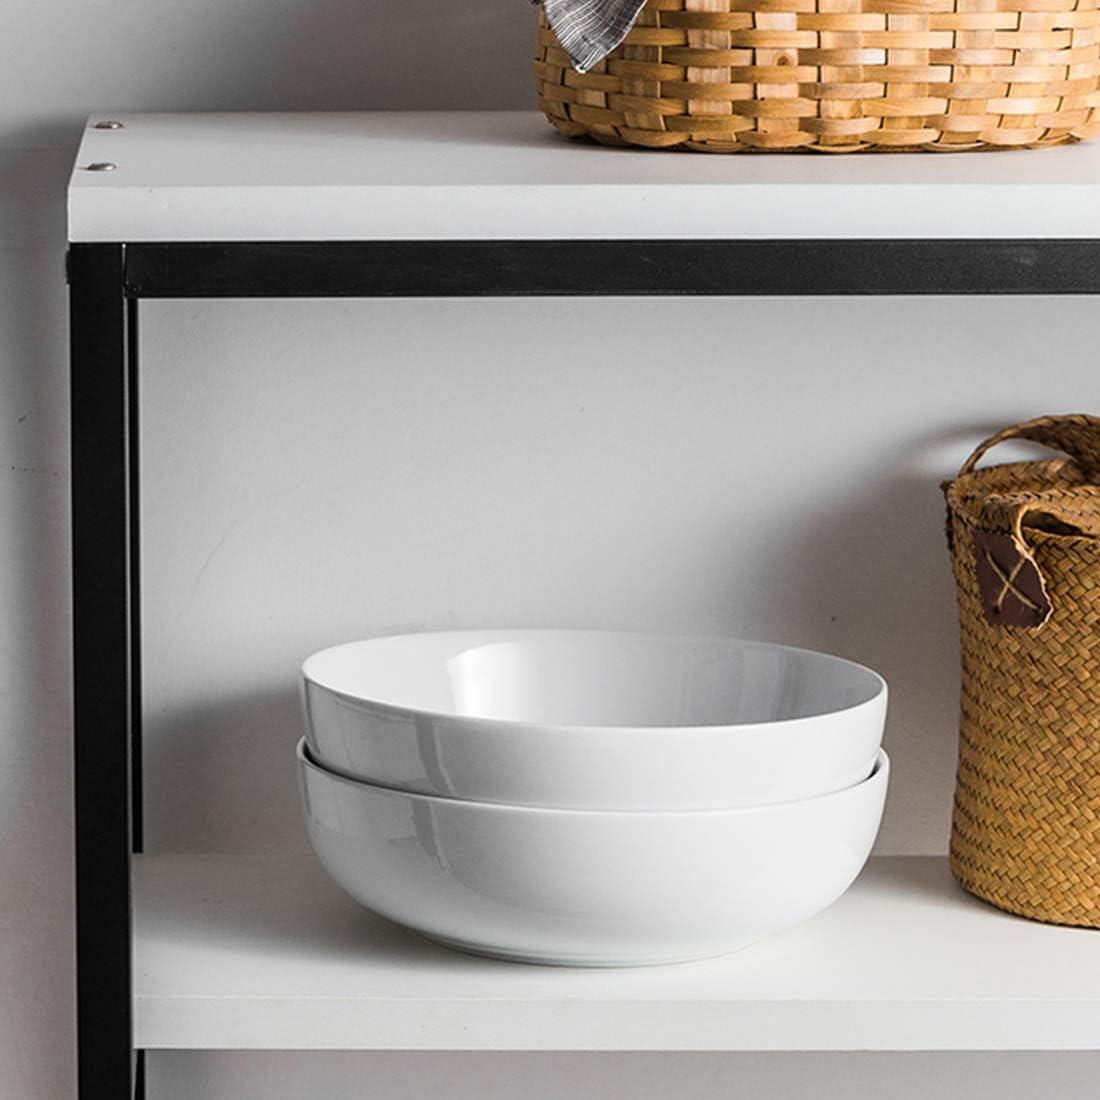 Amazon.com: Juego de cuencos de porcelana de 3,2 litros ...